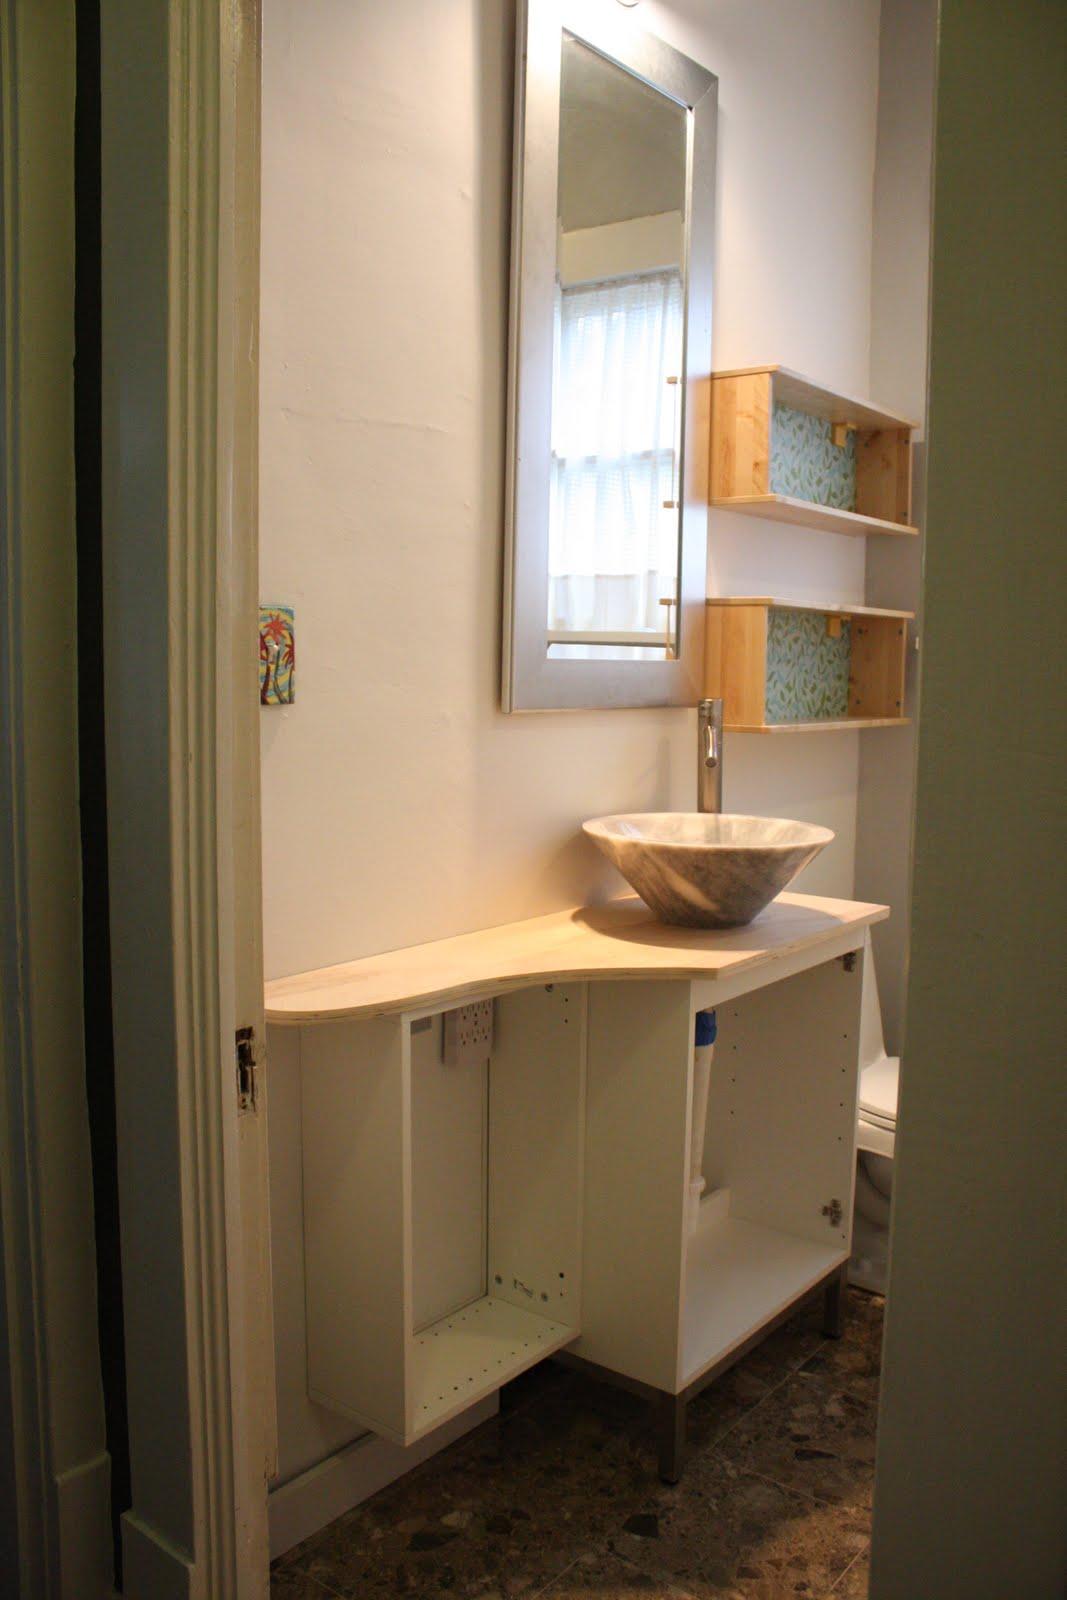 lillangen bathroom remodel. Ikea Vanity Lights  Ikea Makeup Vanity Diy Makeup Vanity Mirror